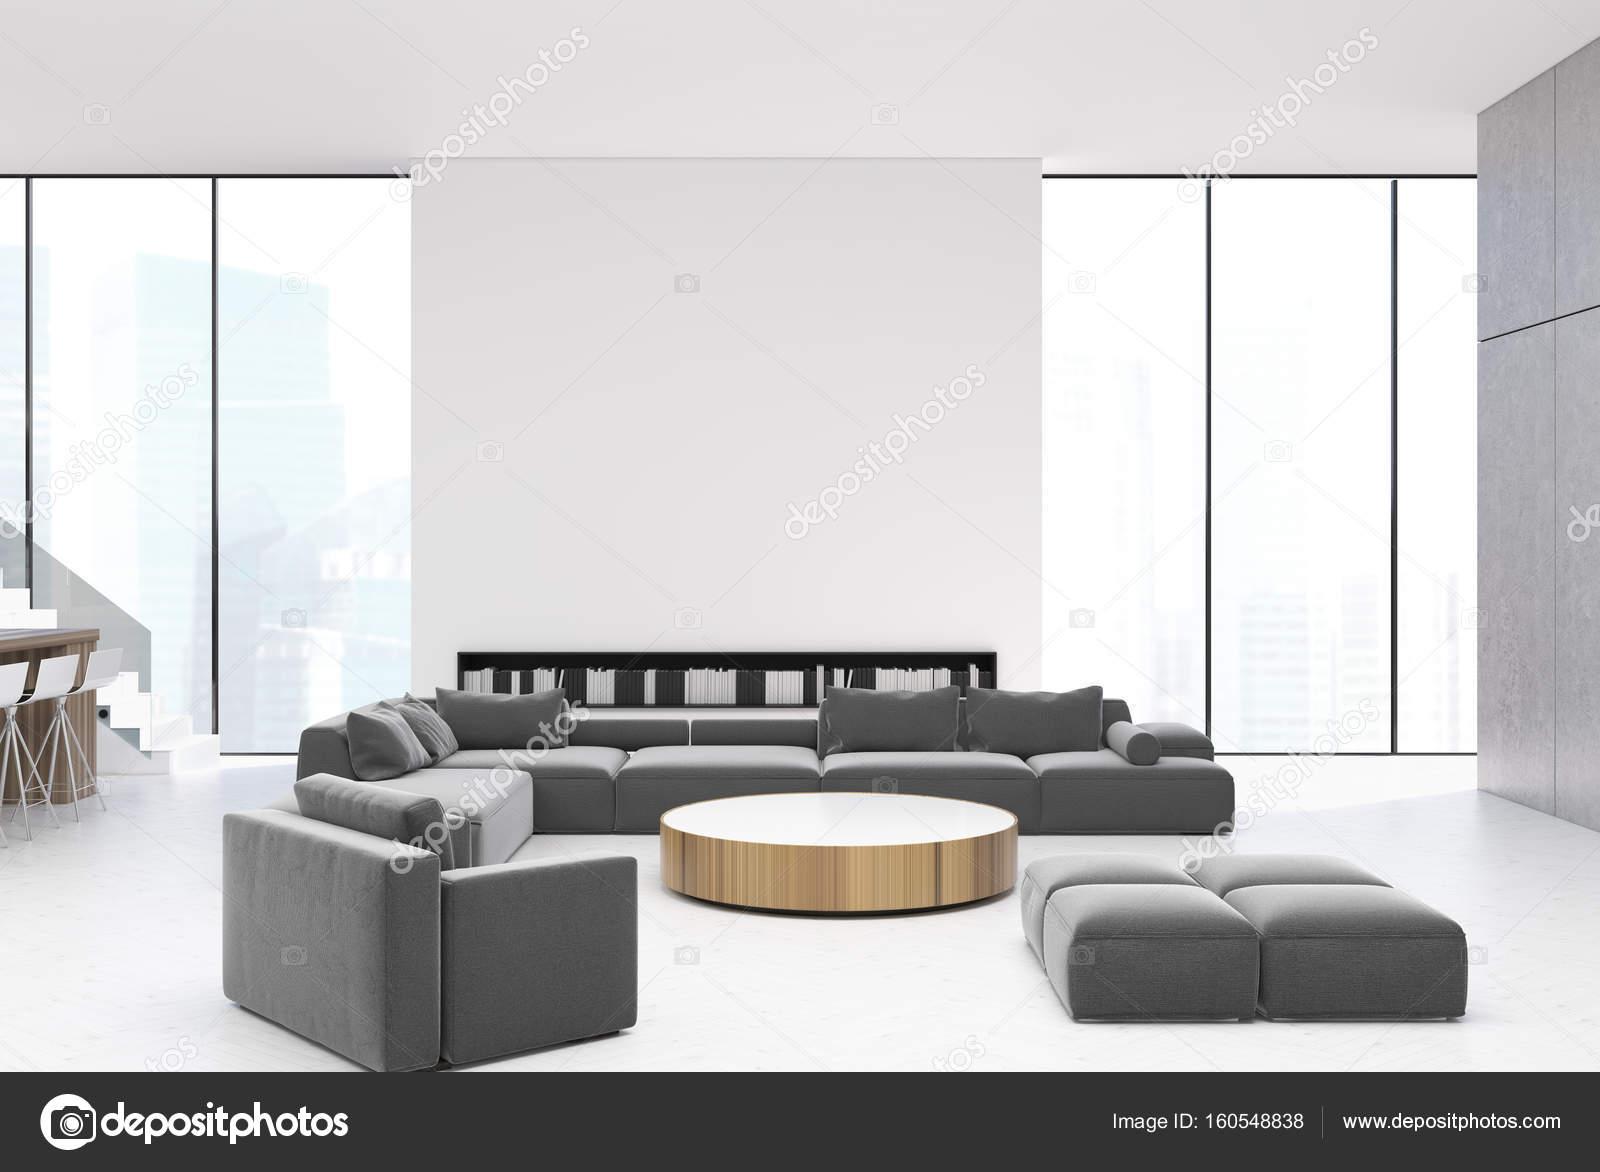 Weiße Wohnzimmer Interieur, graue sofas — Stockfoto © denisismagilov ...